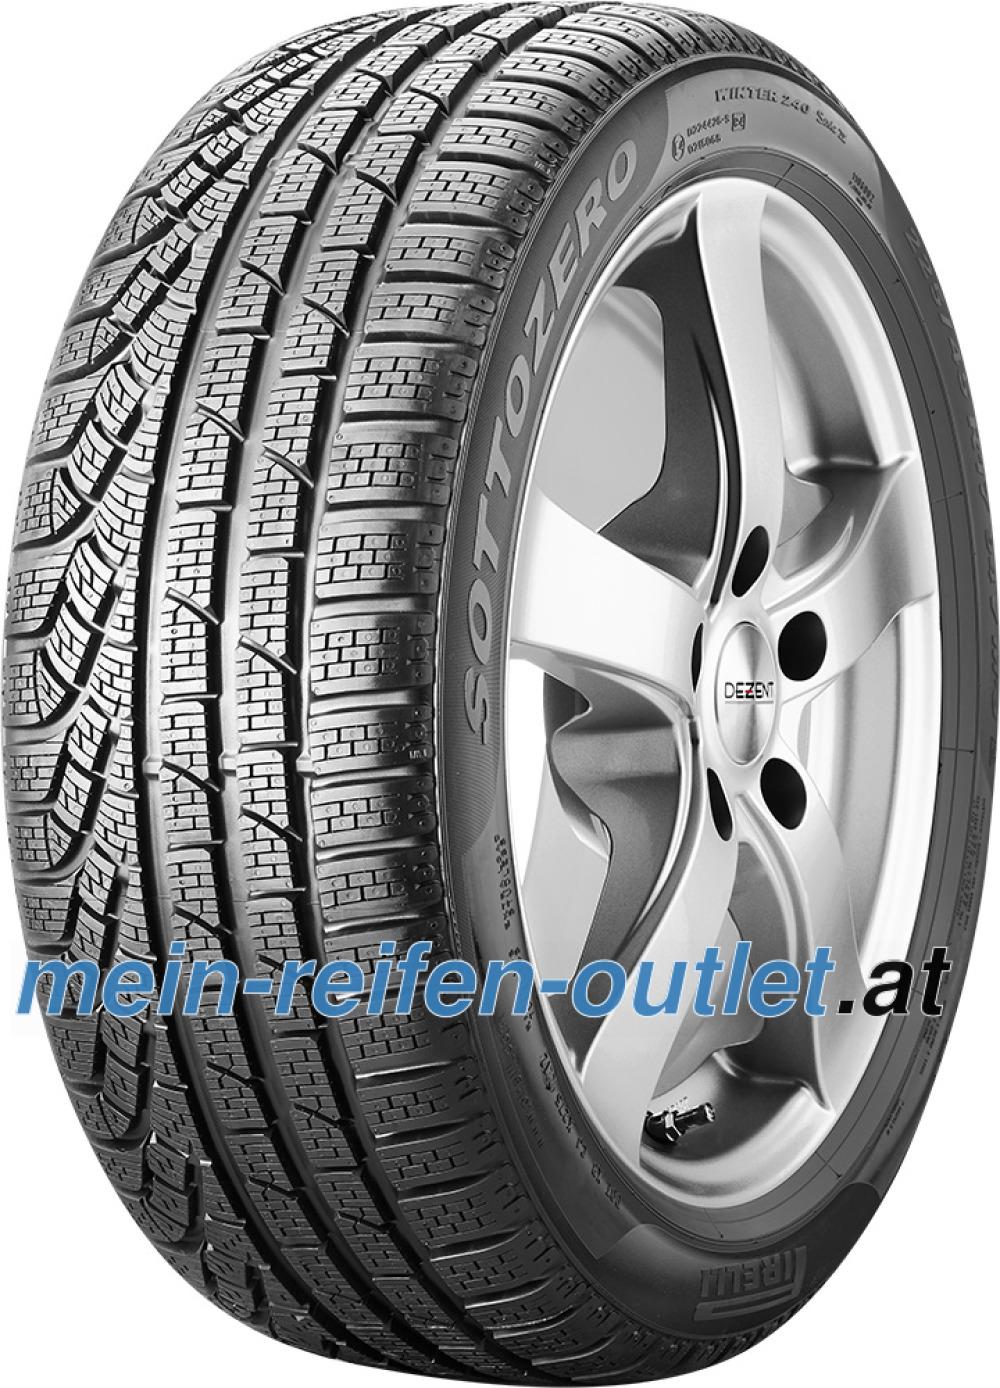 Pirelli W 240 SottoZero S2 ( 295/35 R18 99V , N2, mit Felgenschutz (MFS) )